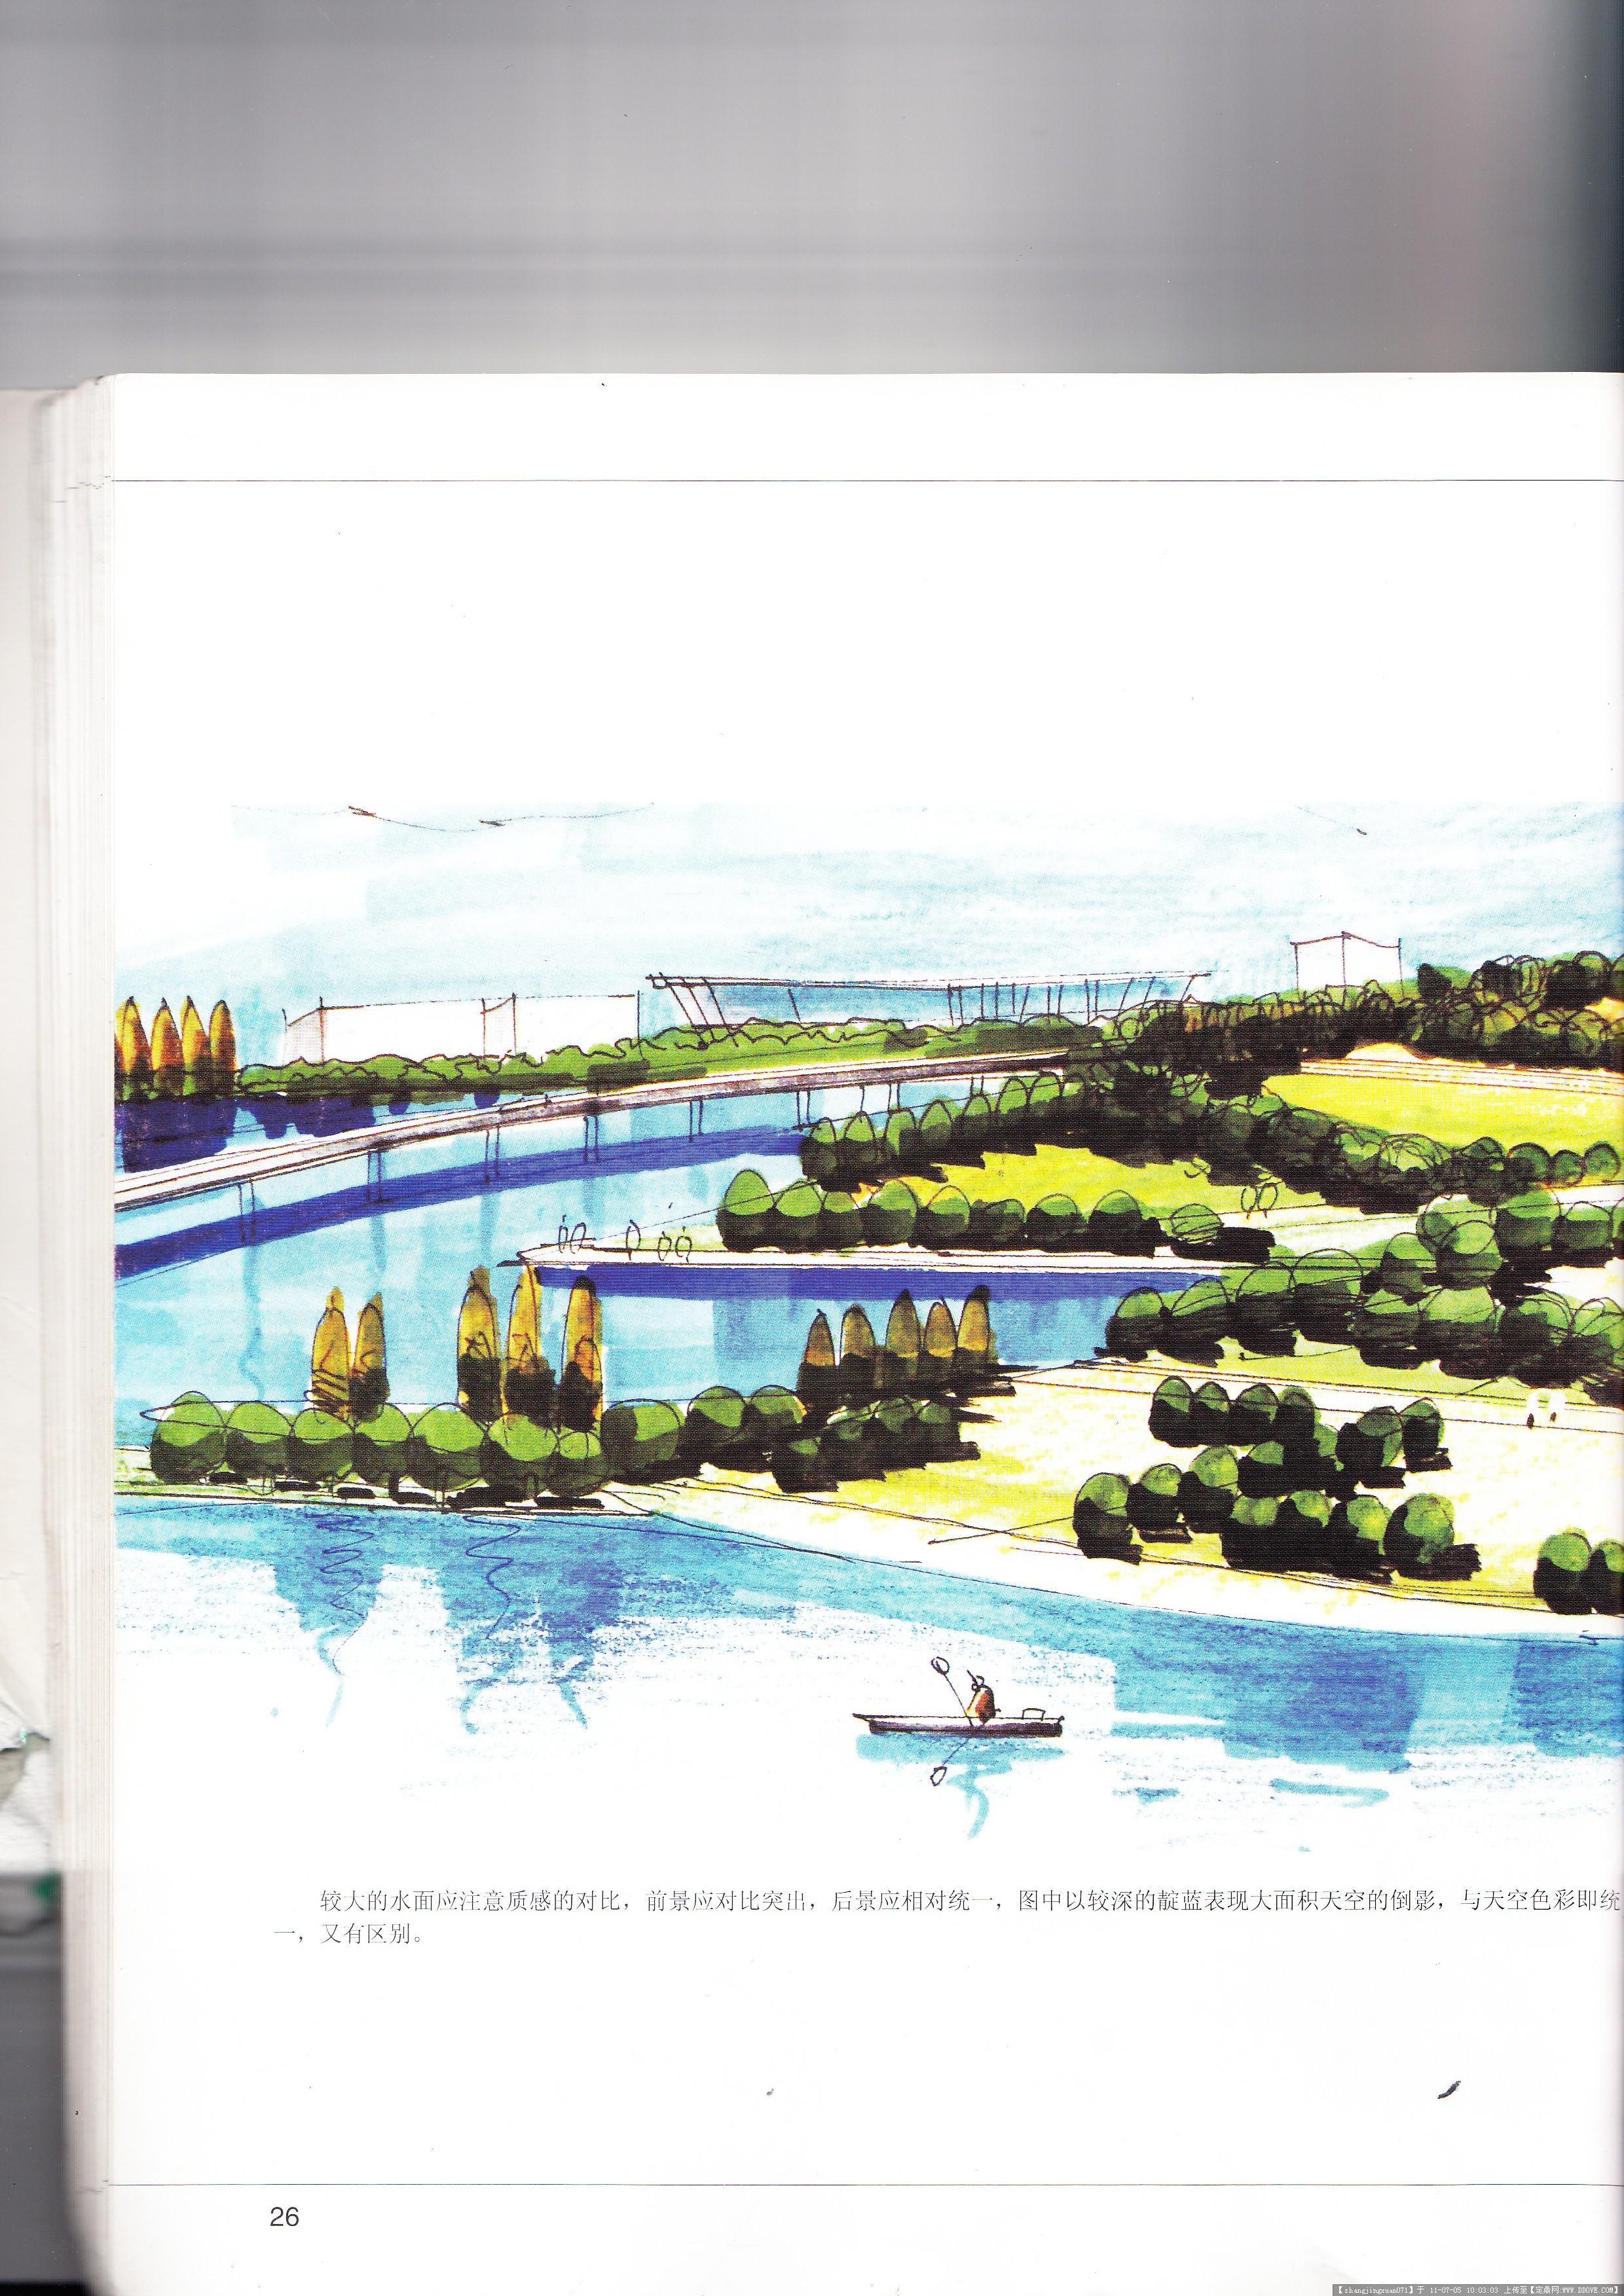 滨水手绘效果图的图片浏览,园林效果图,滨水景观,园林景观设